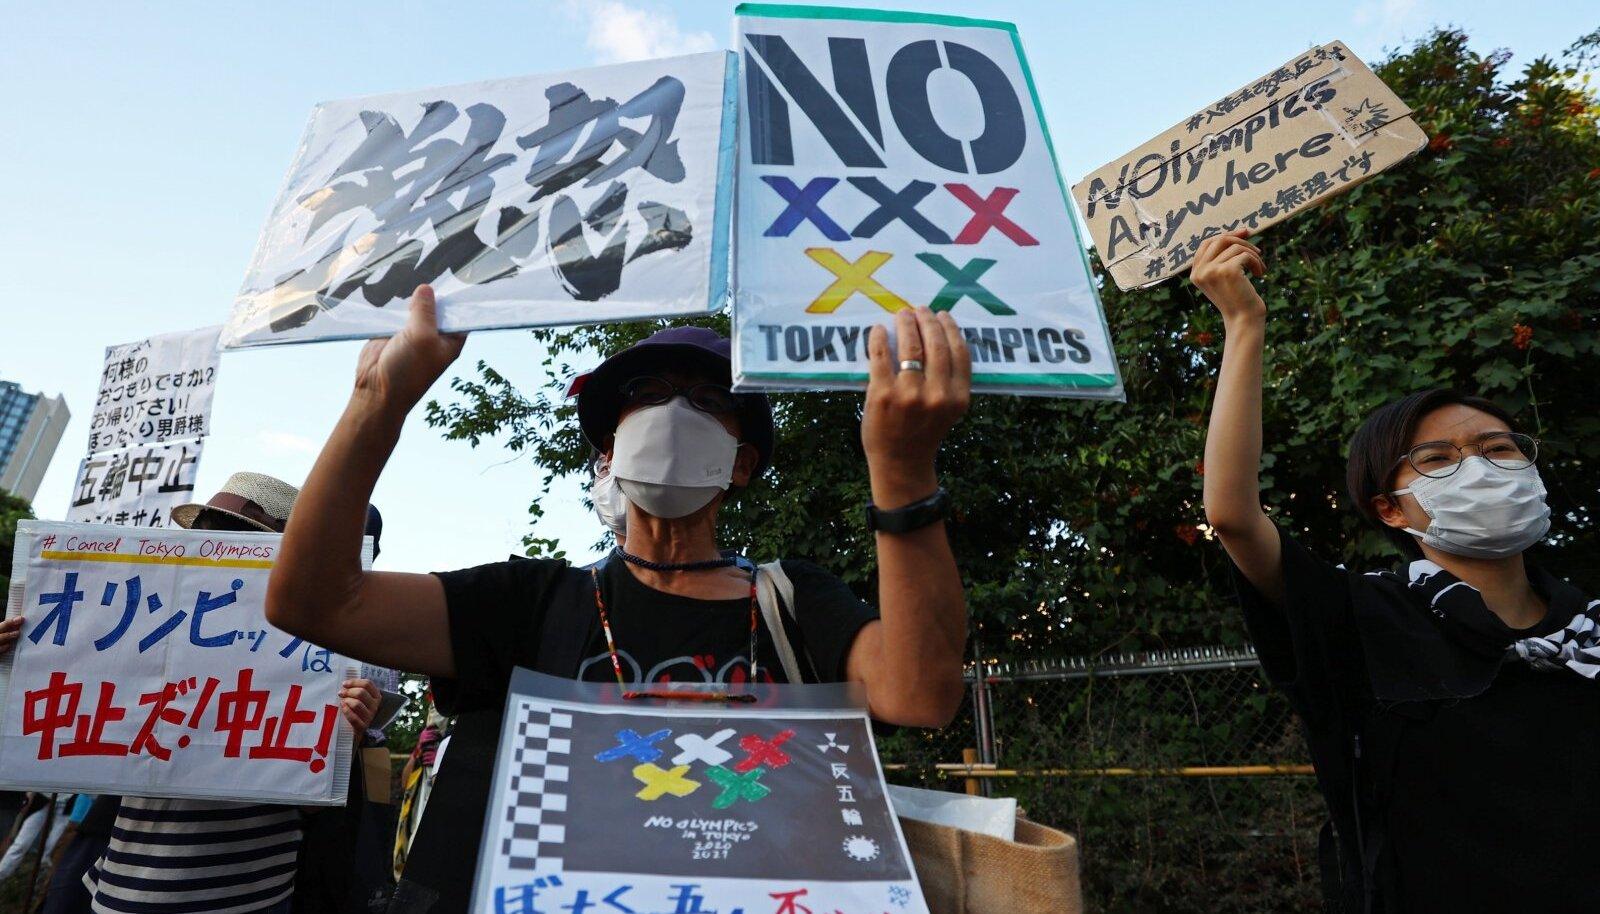 Möödunud nädalal avaldasid jaapanlased olümpiamängude vastu meelt, kui ROK-i president Thomas Bach Tokyosse saabus. 55% jaapanlaste arvates tuleks olümpiamängud ära jätta.